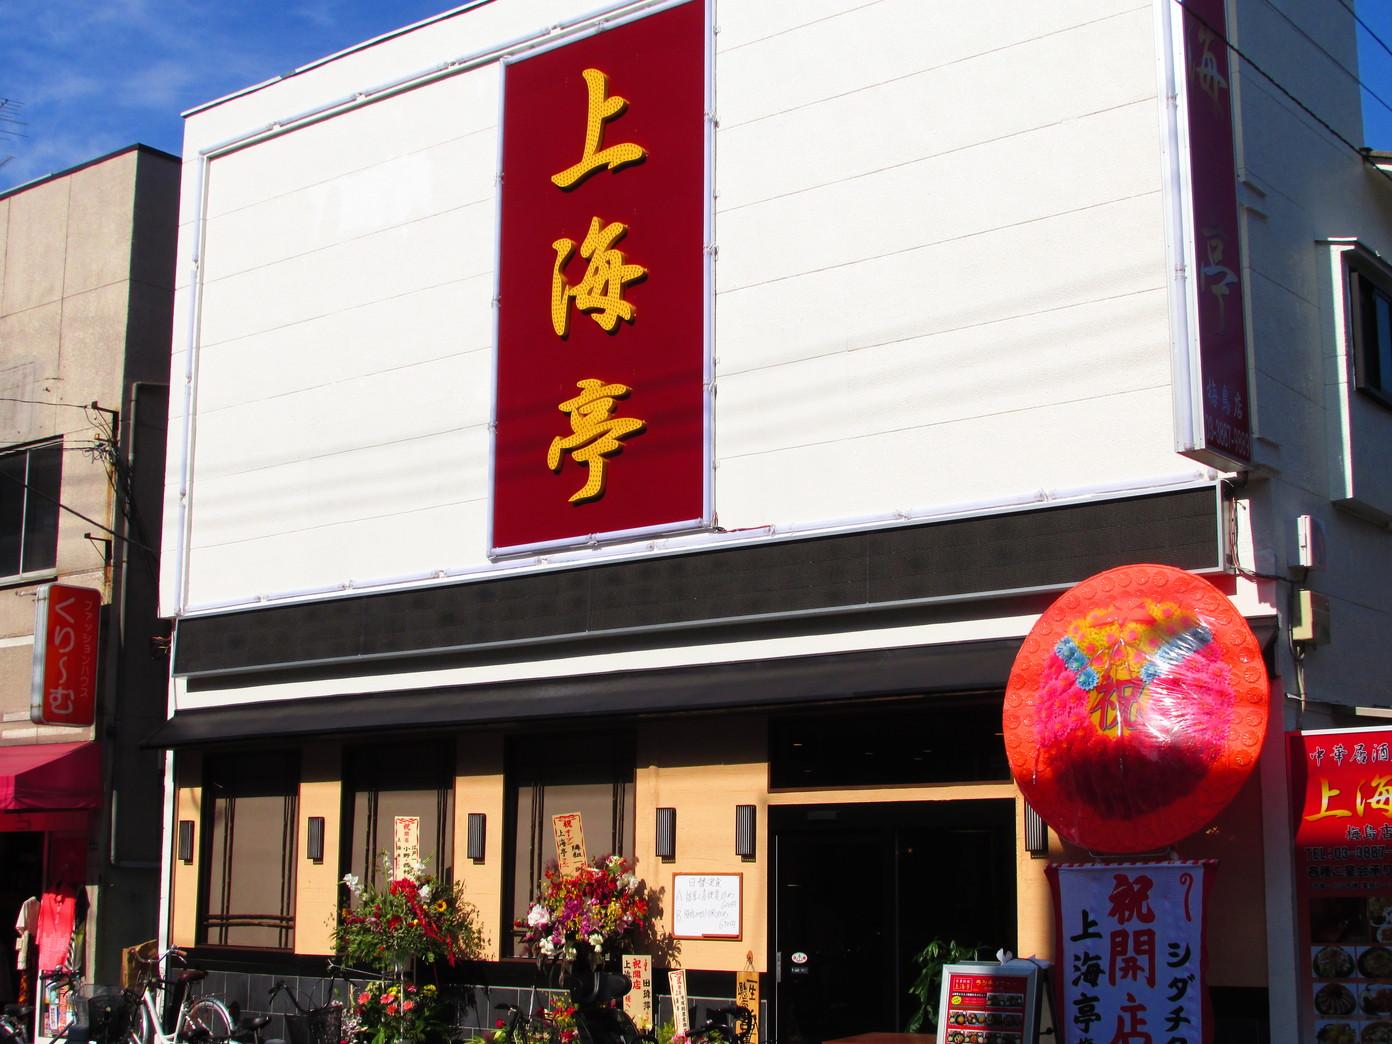 上海亭 梅島支店